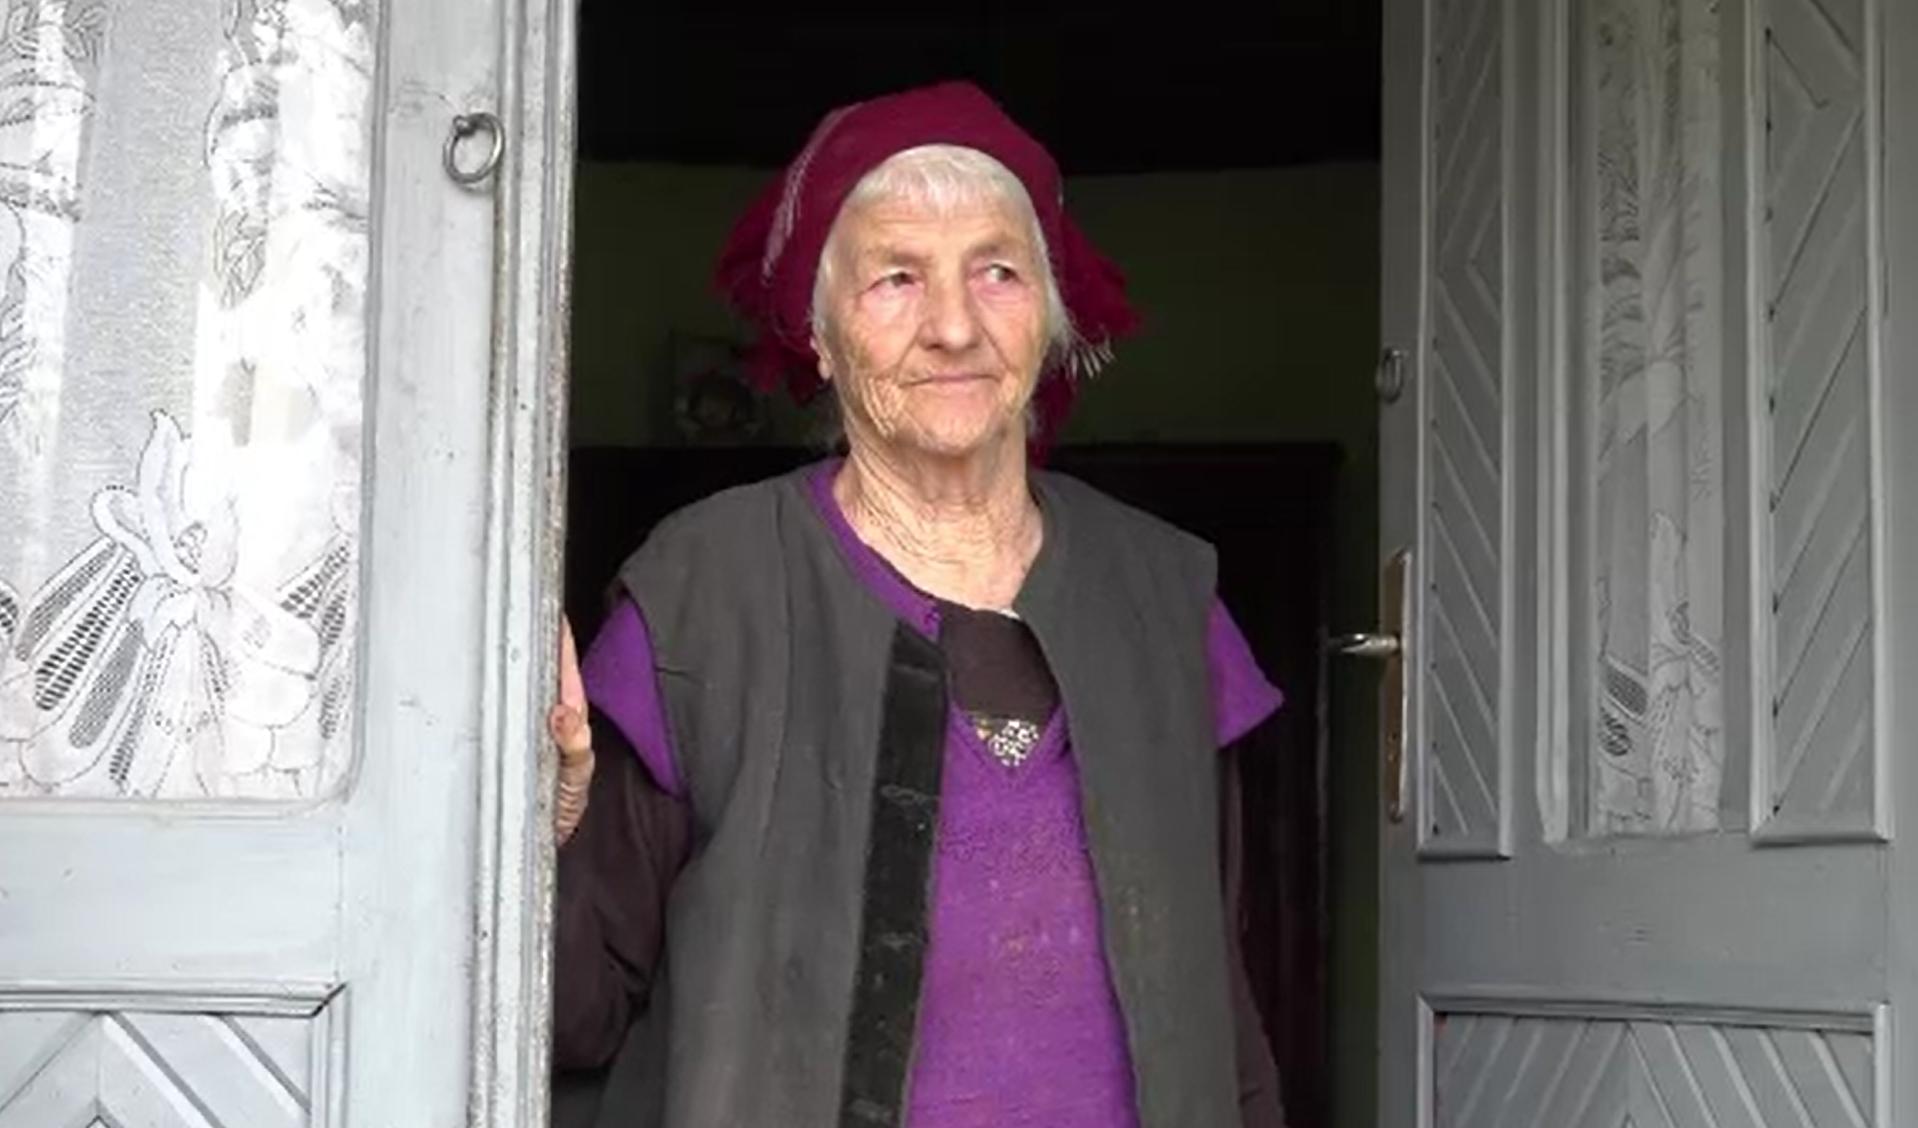 Zeci de mii de bătrâni din România, neputincioși în fața pandemiei. De unde primesc ajutor